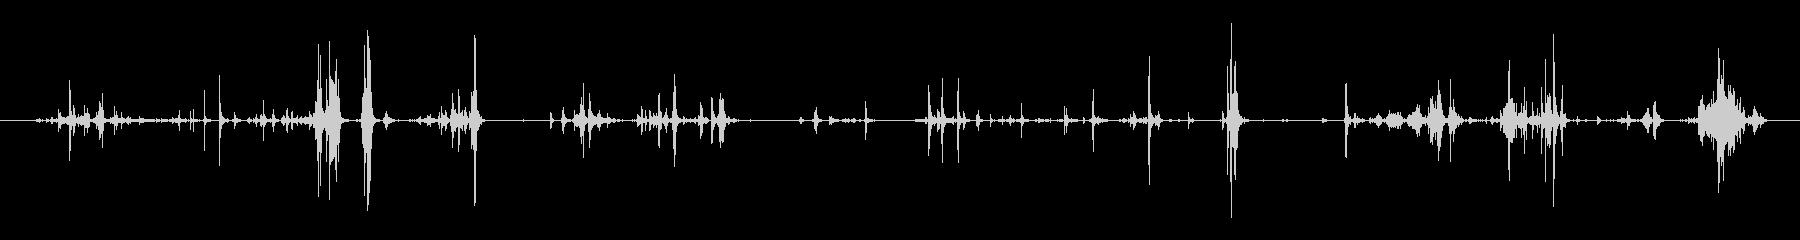 お金 コインビッグクラッターロング04の未再生の波形